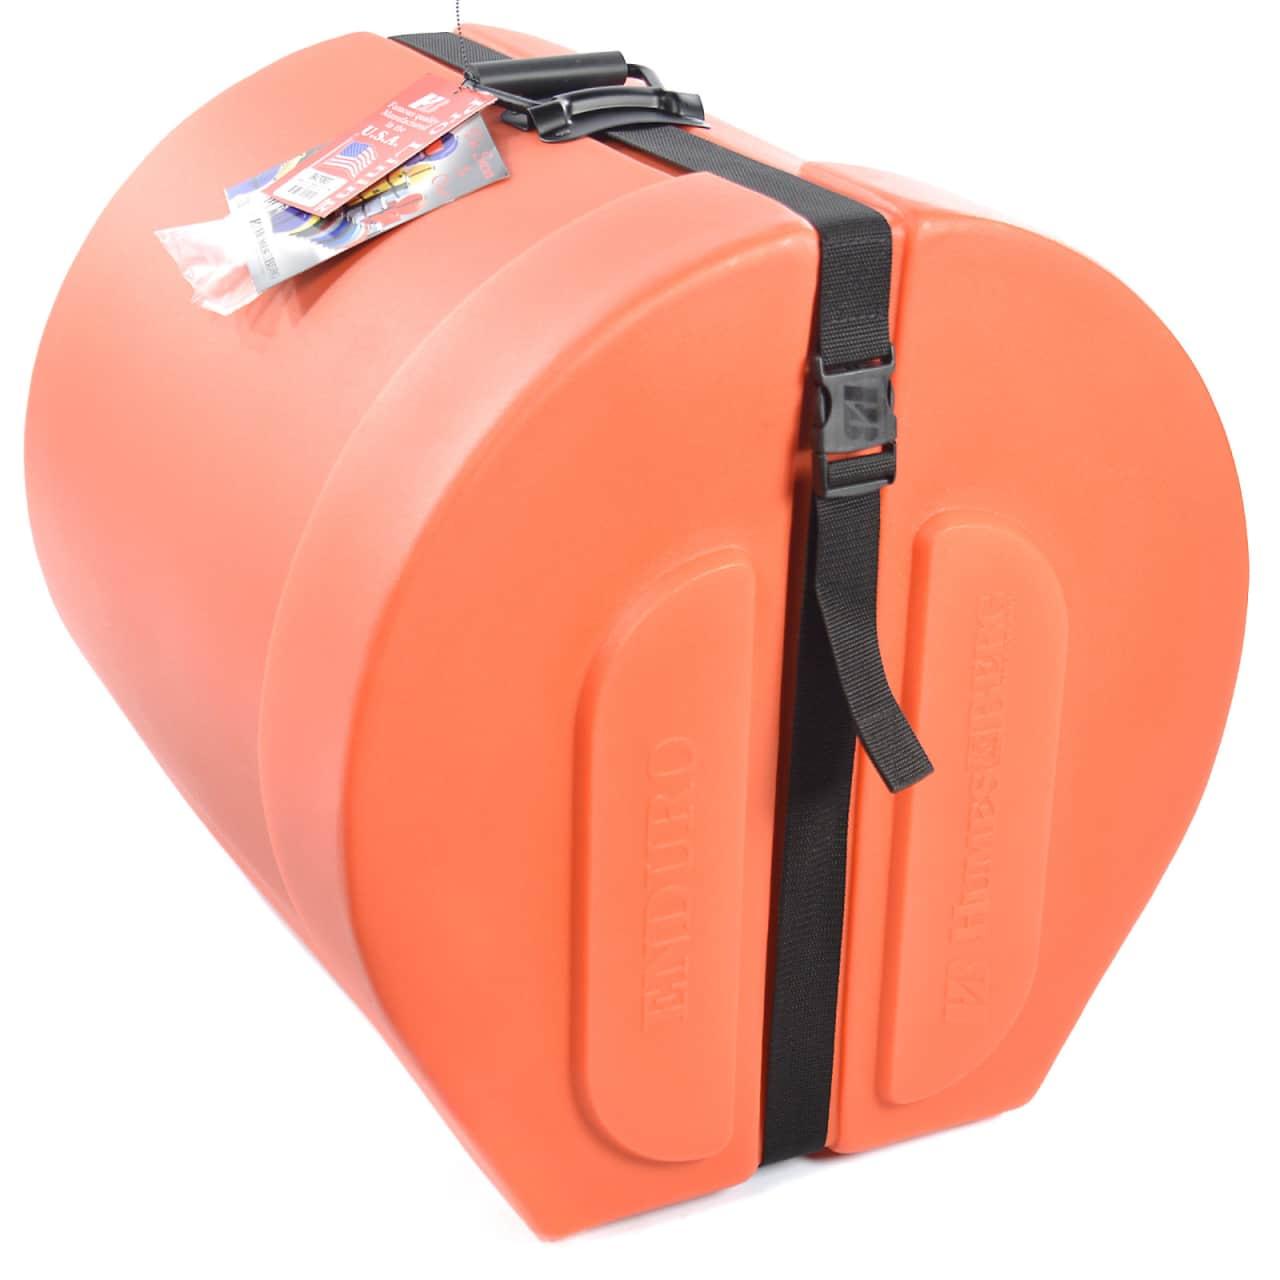 Humes berg 16x16 enduro floor tom case w foam orange for 16 floor tom case